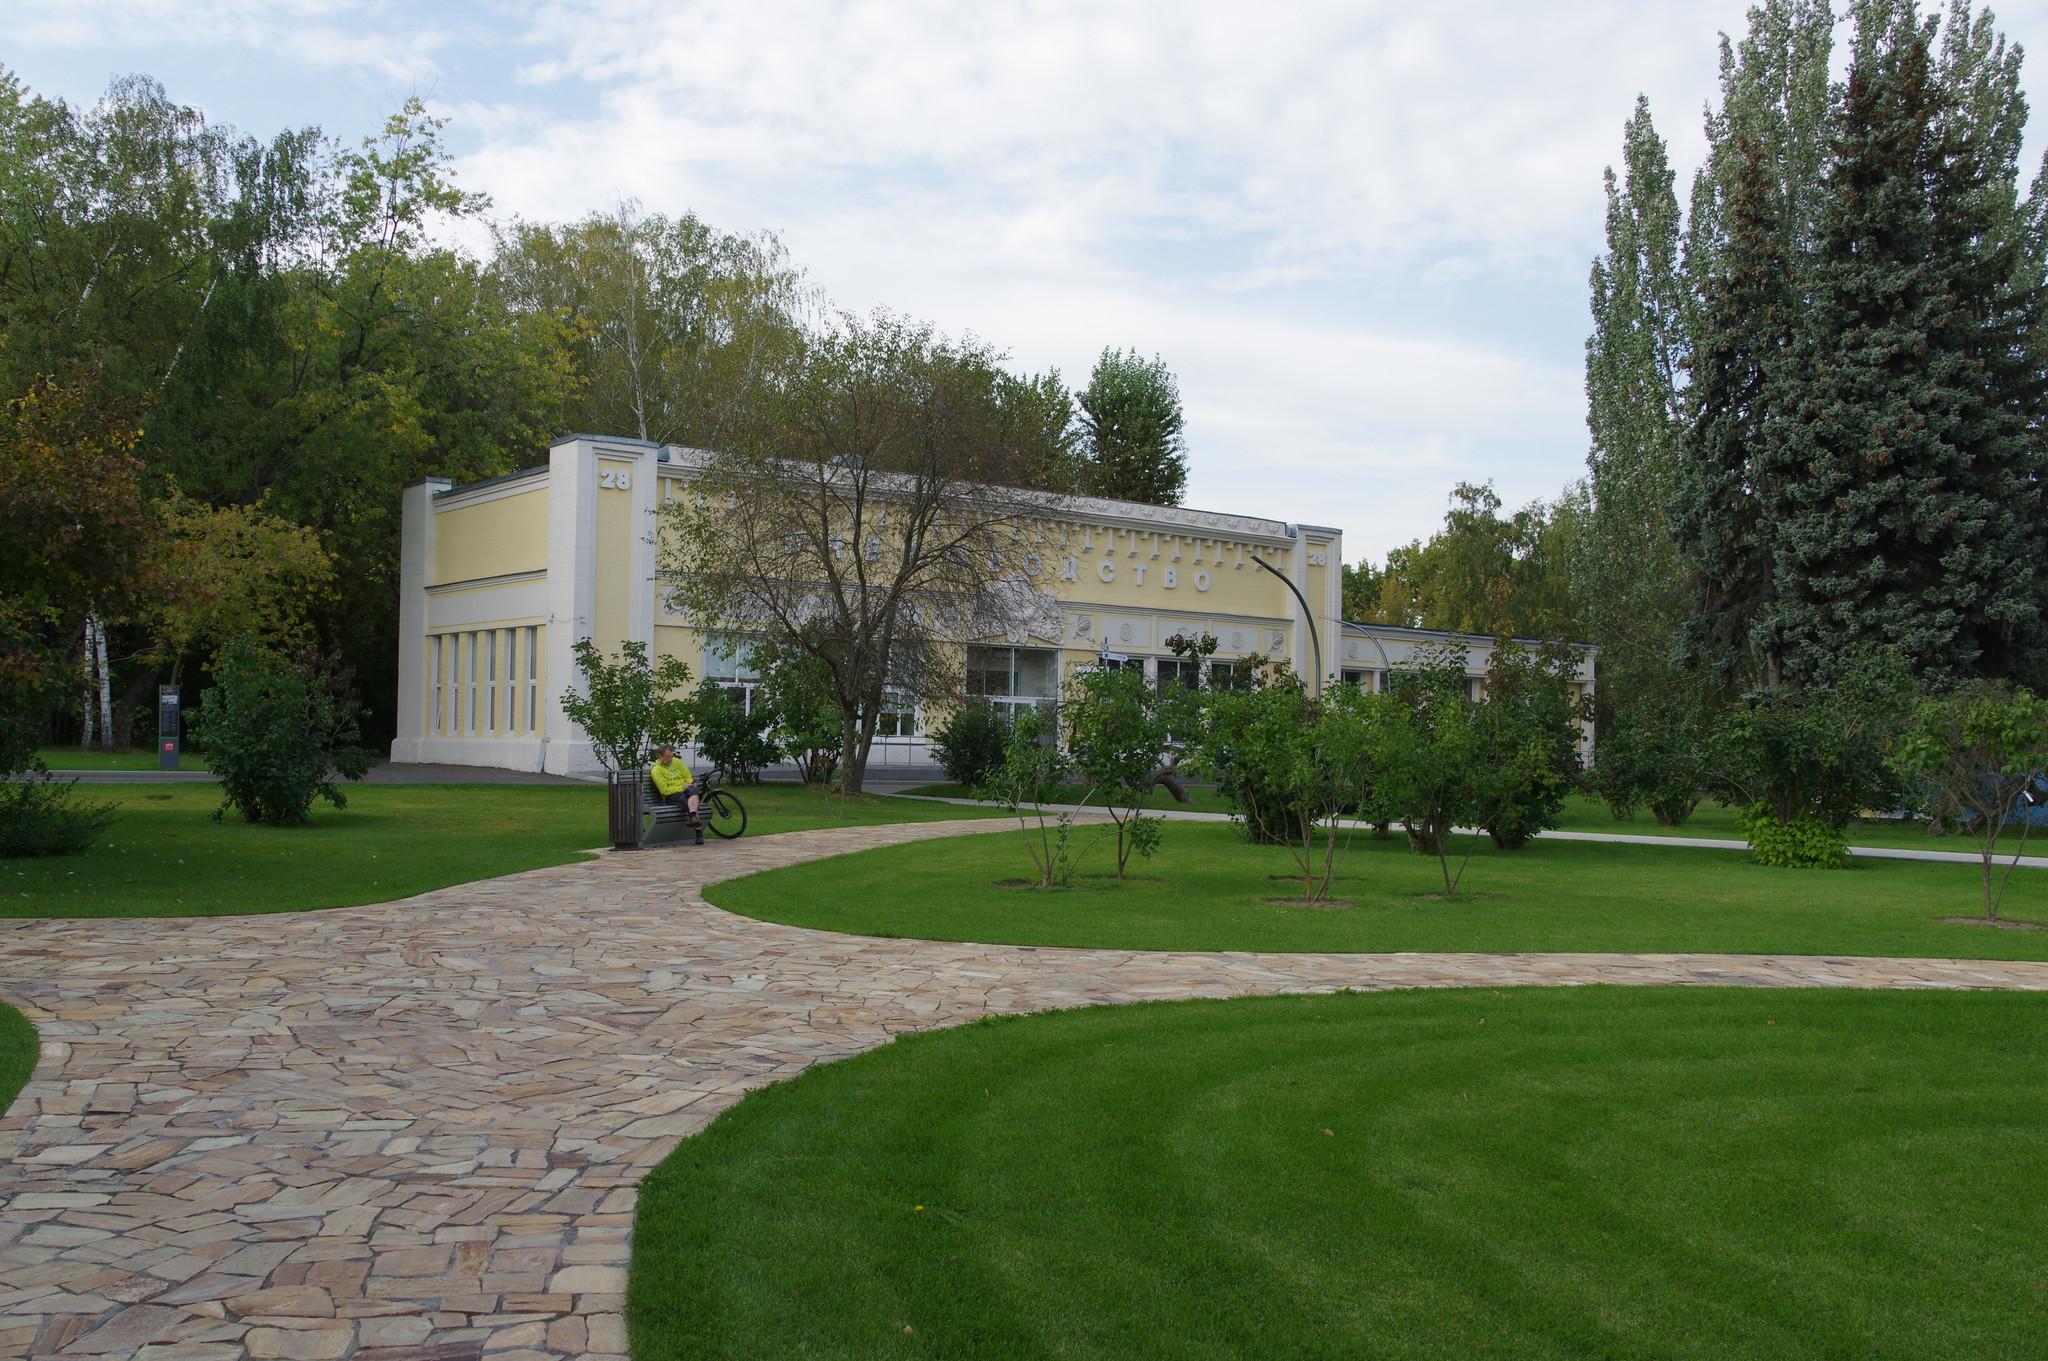 Эколого-просветительский центр «Пчеловодство» (Проспект Мира, дом 119, строение 28)